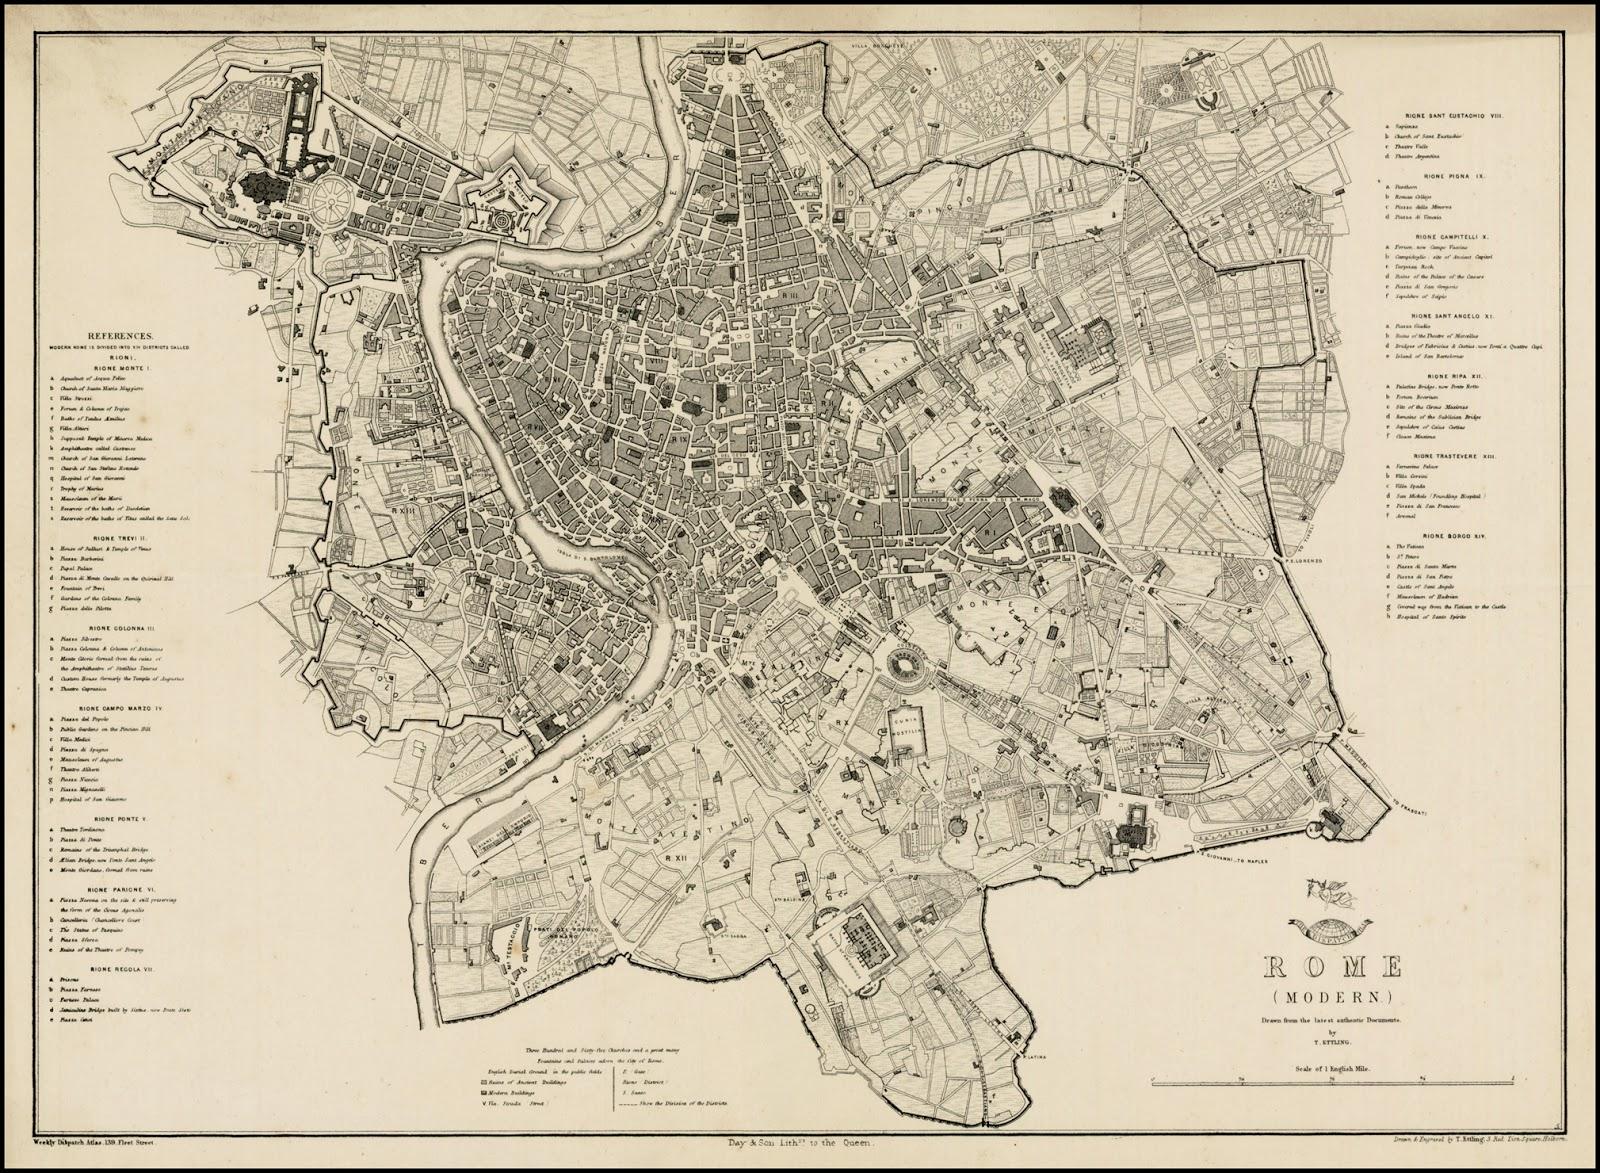 Cartina D Roma.Rerum Romanarum Mappa Di Roma Ettling Day Son 1860